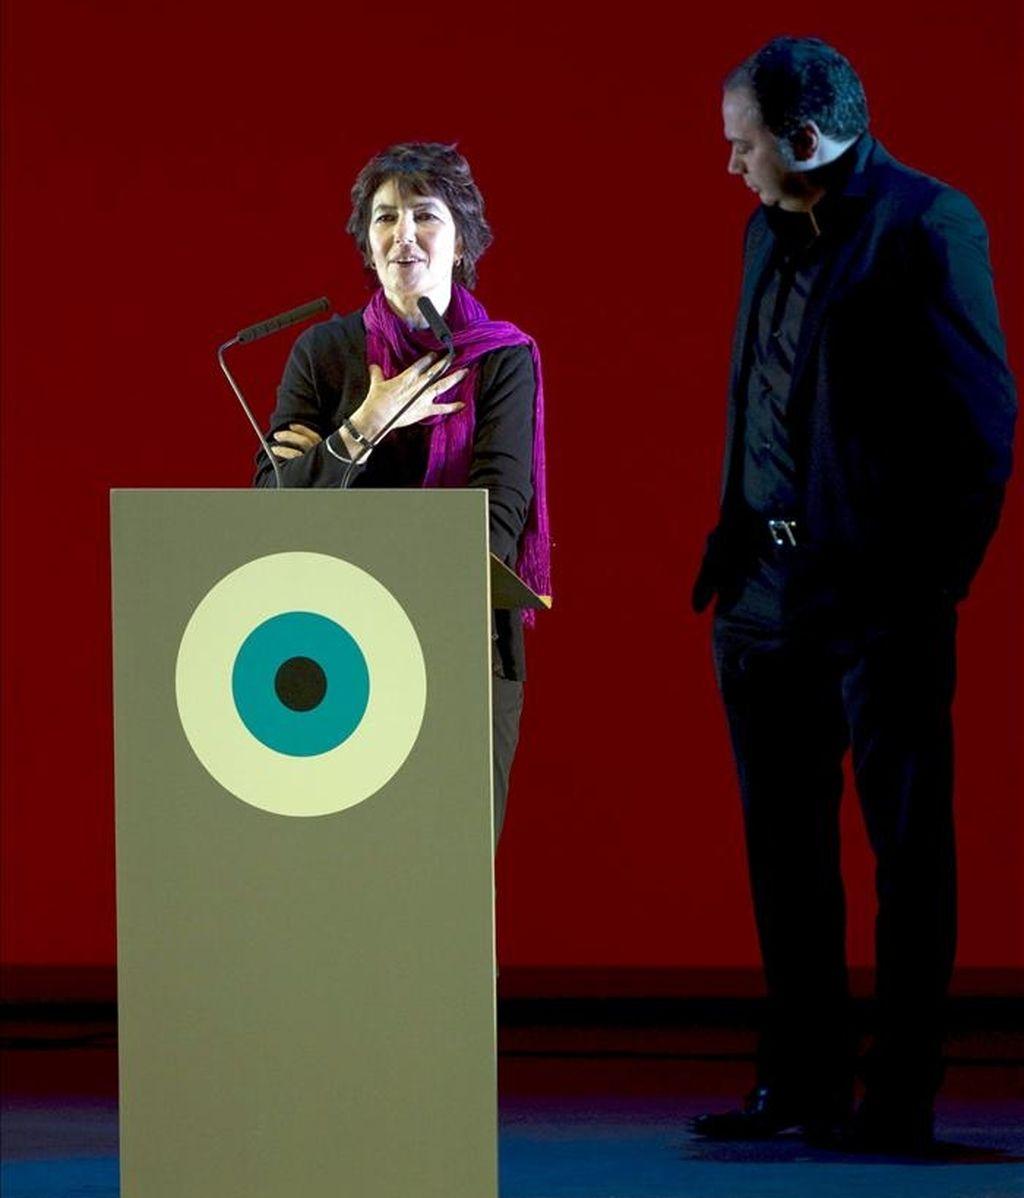 La directora británica Kim Longinotto pronuncia unas palabras durante la gala de inauguración del Festival Internacional de Cine de Gijón, en su edición del año pasado. EFE/Archivo